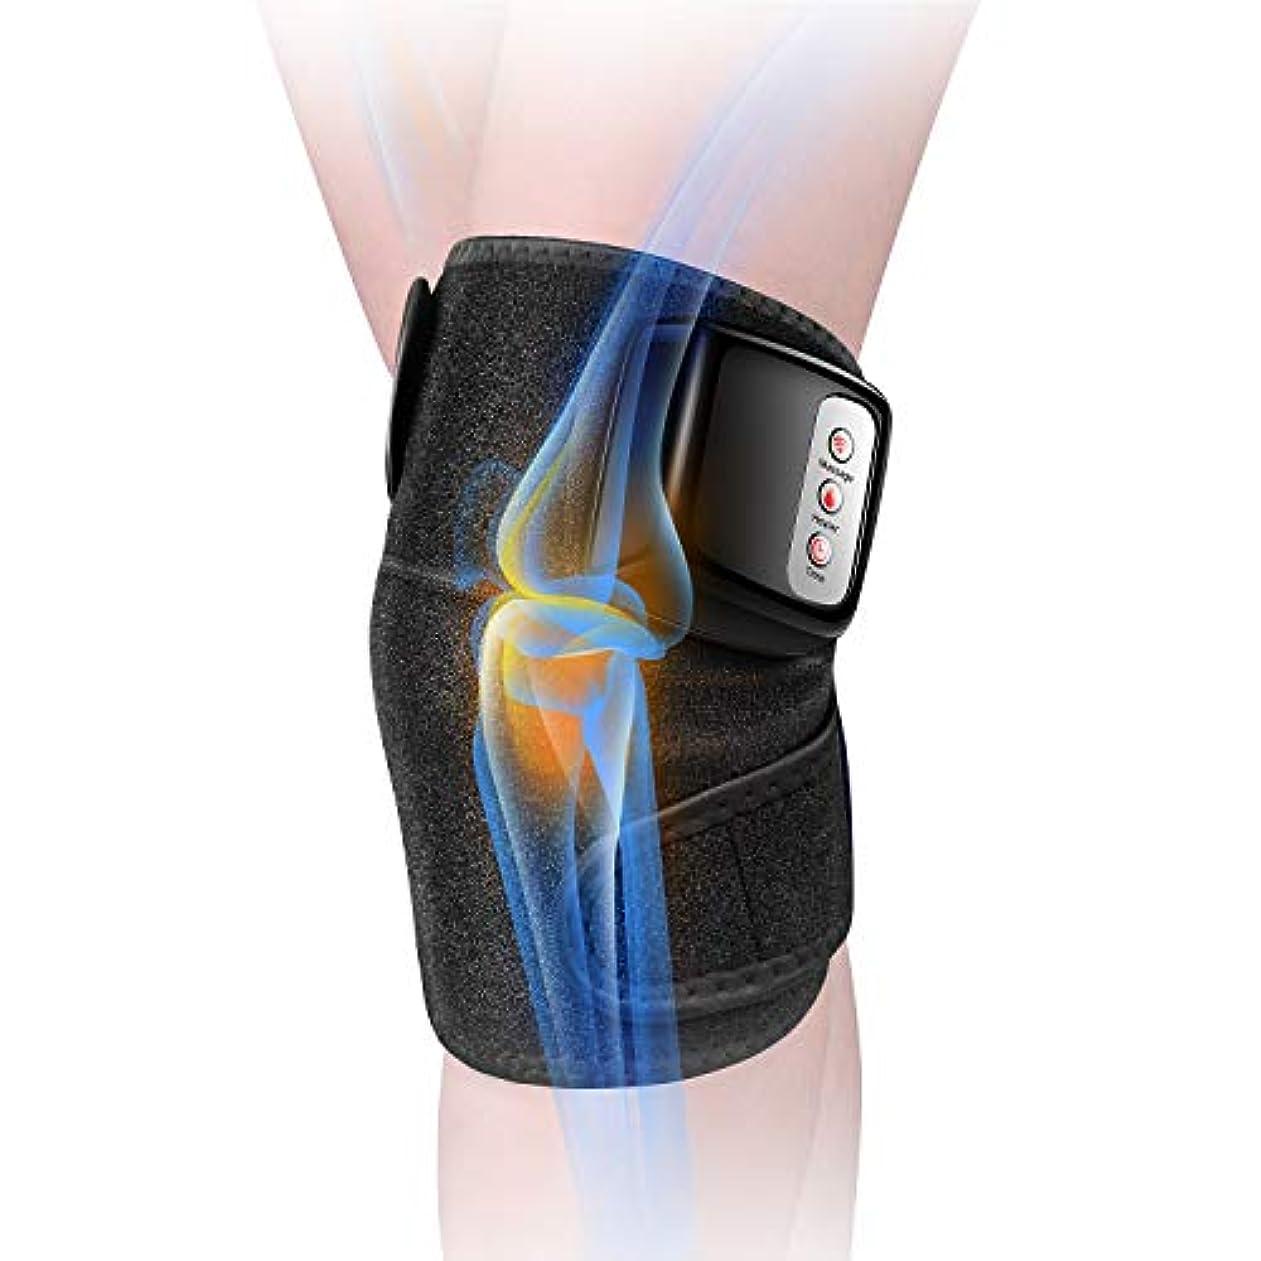 ひどい中間真向こう膝マッサージャー 関節マッサージャー マッサージ器 フットマッサージャー 振動 赤外線療法 温熱療法 膝サポーター ストレス解消 肩 太もも/腕対応